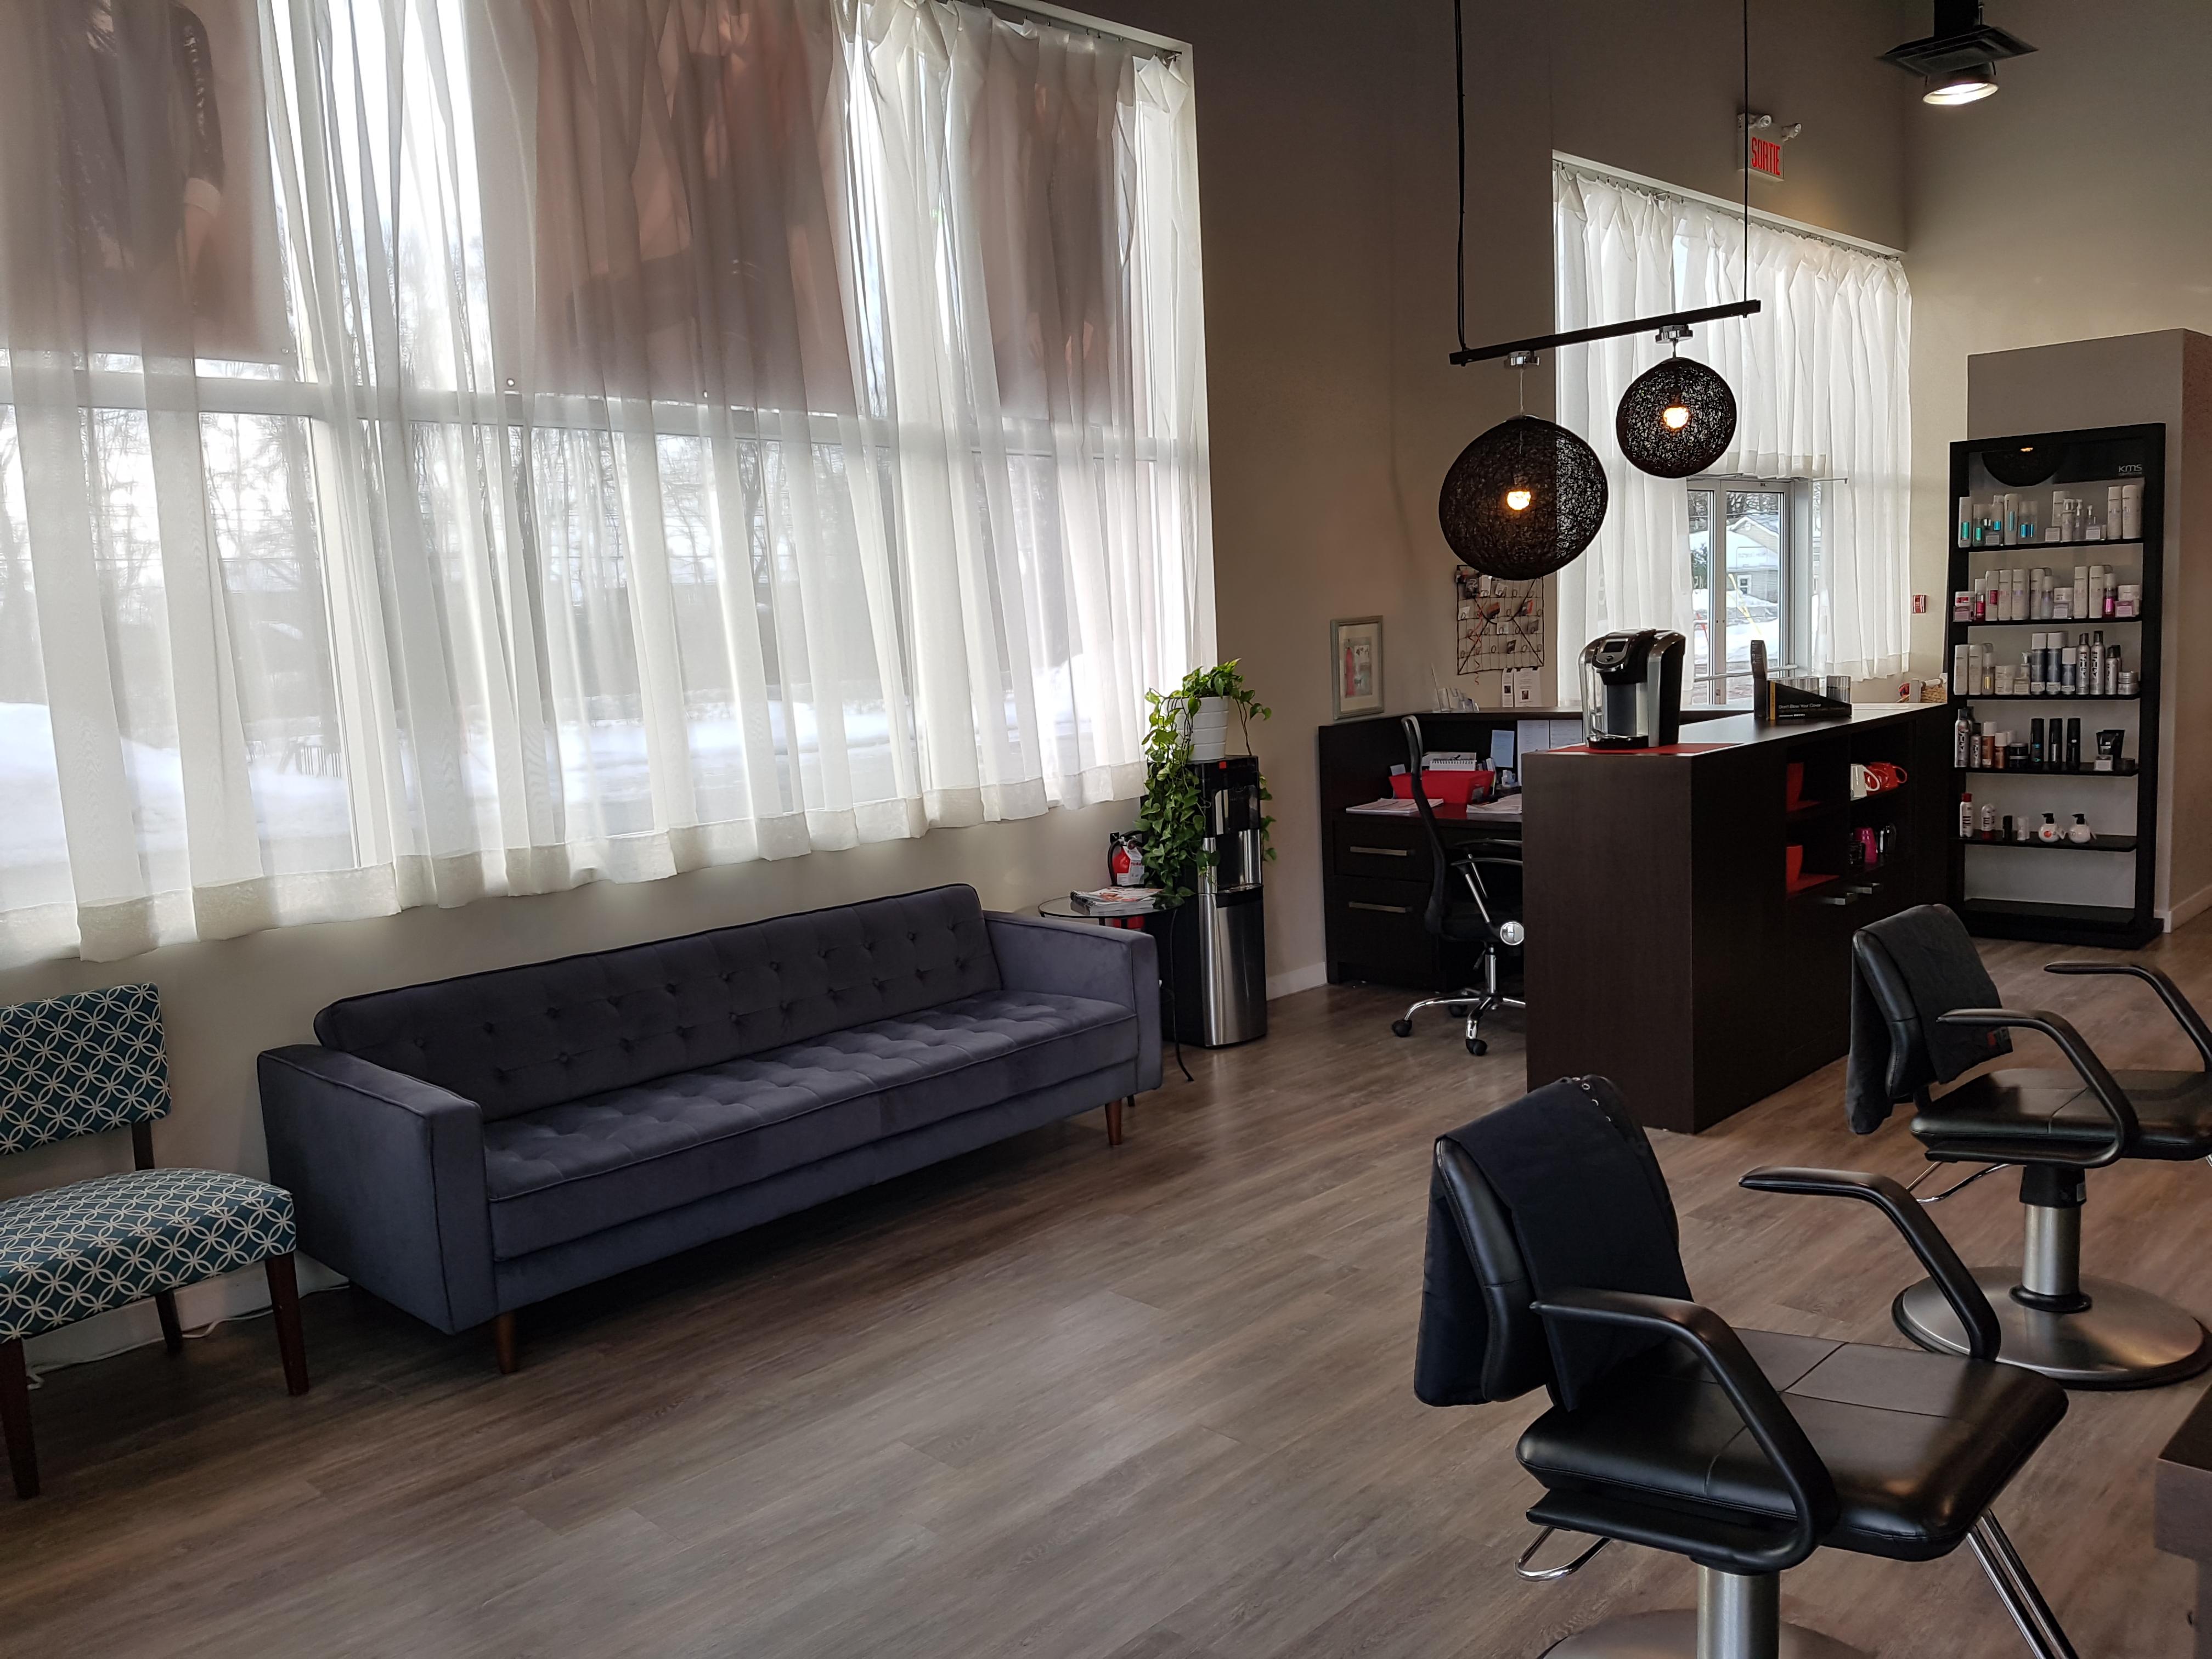 Coiffure Living-Room – Votre destination beauté à Vaudreuil-Dorion